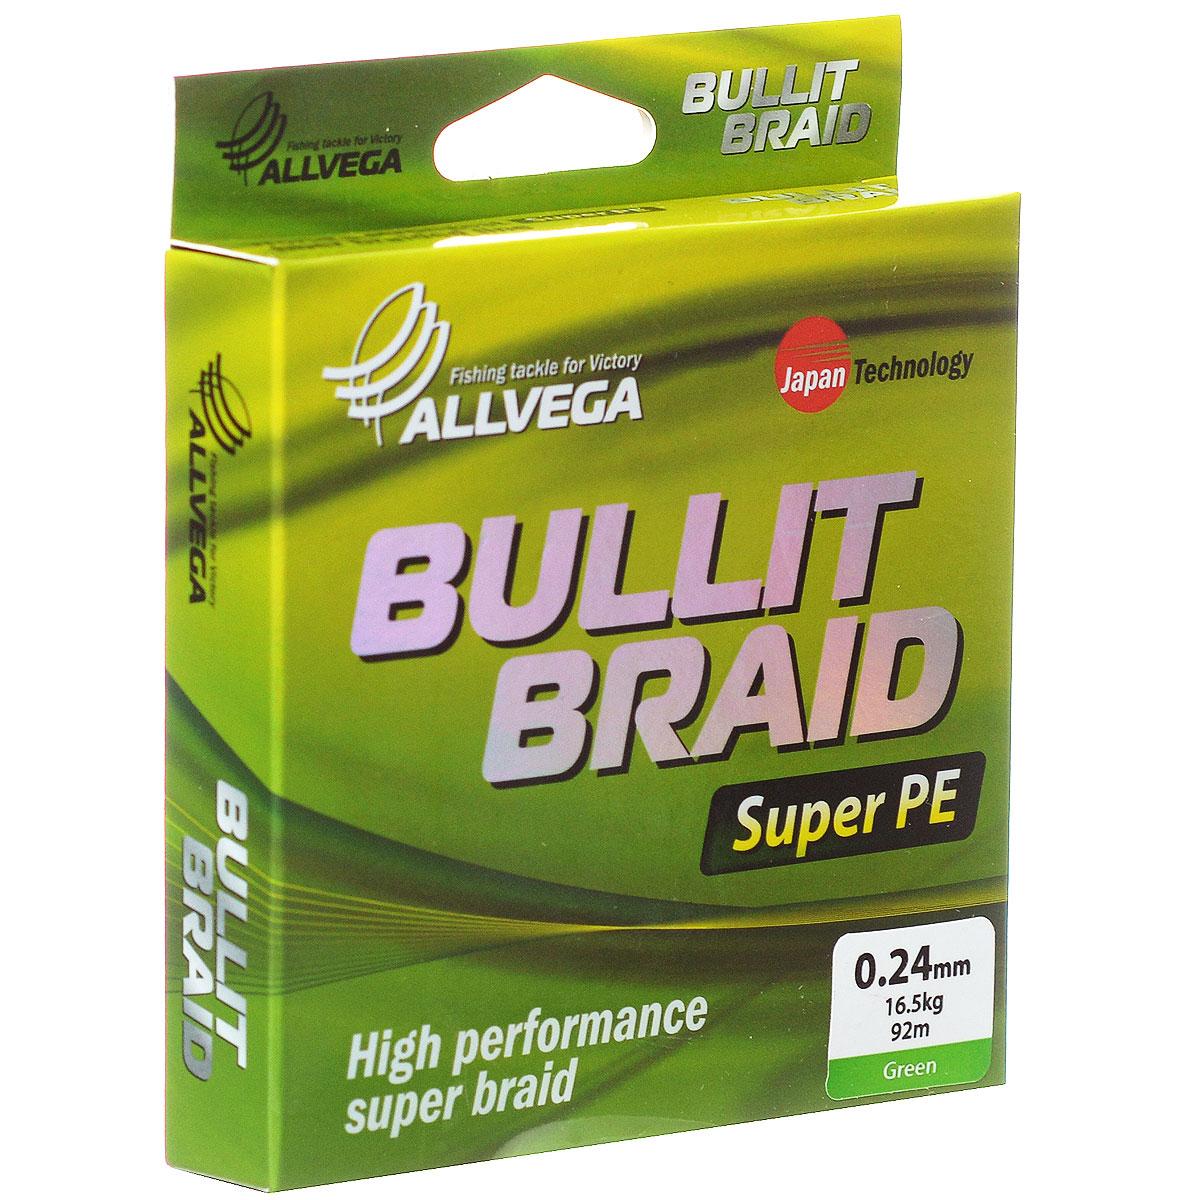 Леска плетеная Allvega Bullit Braid, цвет: темно-зеленый, 92 м, 0,24 мм, 16,5 кг31758Леска Allvega Bullit Braid с гладкой поверхностью и одинаковым сечением по всей длине обладает высокой износостойкостью. Благодаря микроволокнам полиэтилена (Super PE) леска имеет очень плотное плетение и не впитывает воду. Леску Allvega Bullit Braid можно применять в любых типах водоемов. Особенности:повышенная износостойкость;высокая чувствительность - коэффициент растяжения близок к нулю;отсутствует память; идеально гладкая поверхность позволяет увеличить дальность забросов; высокая прочность шнура на узлах.